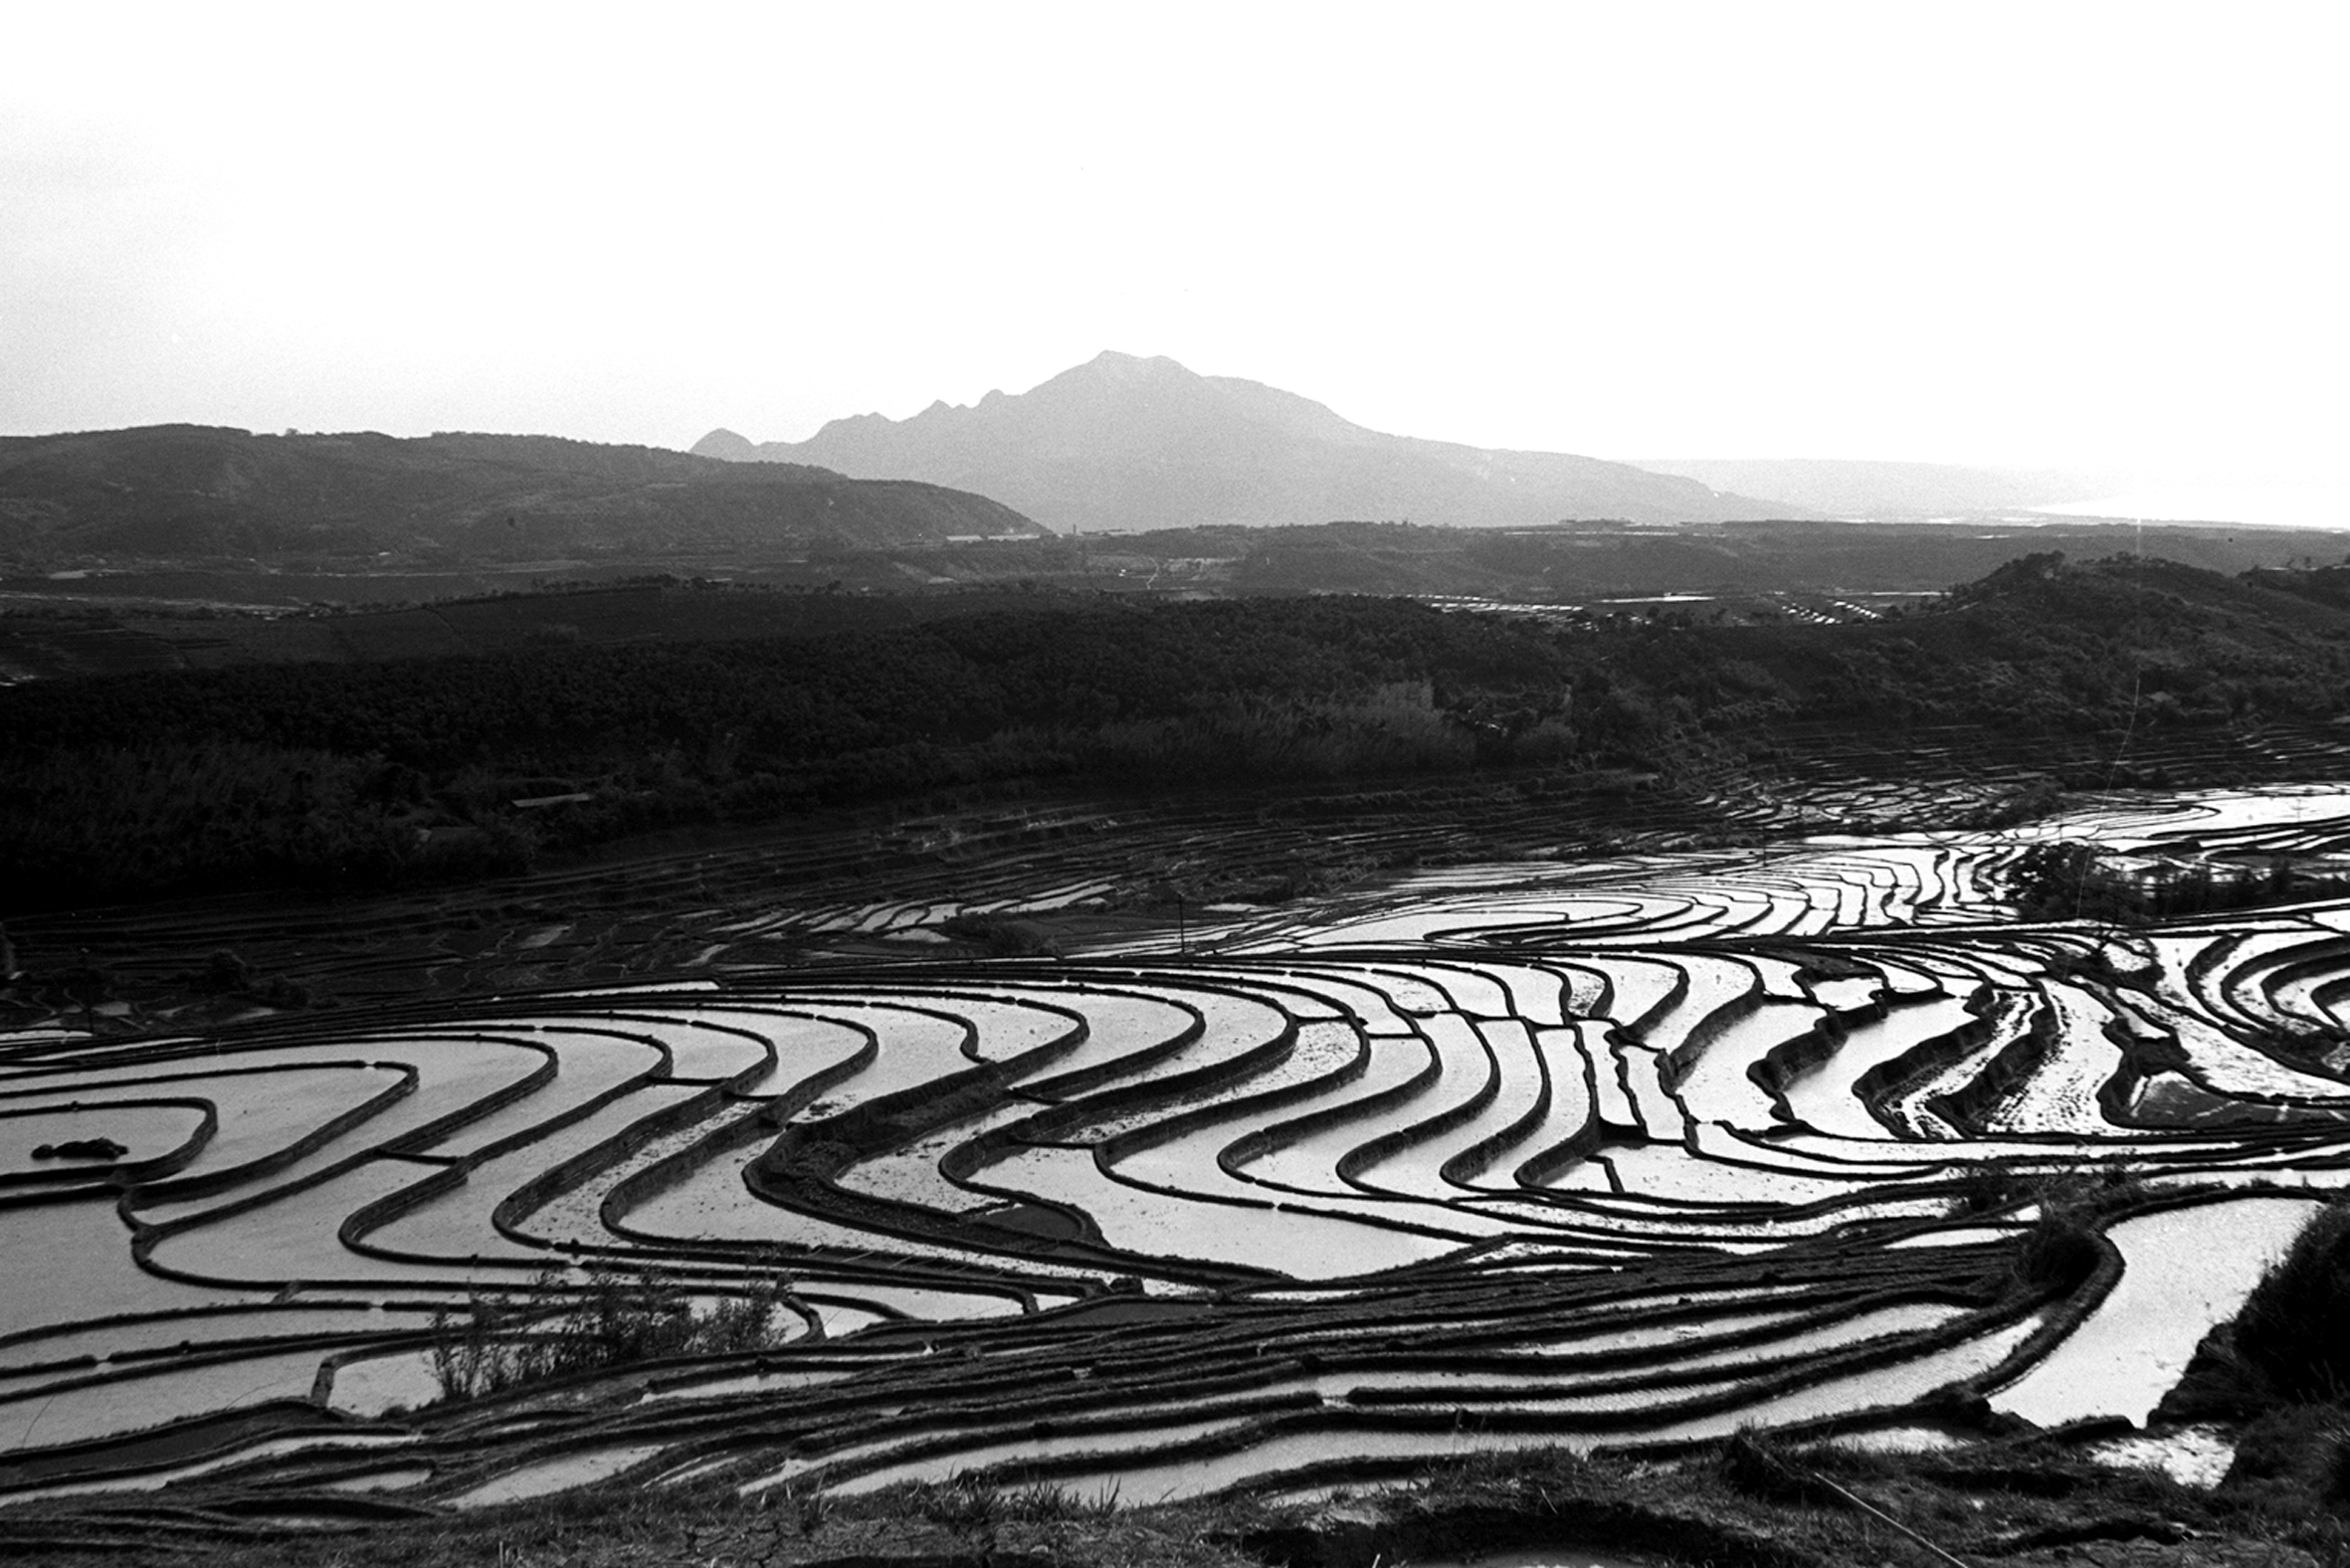 觀音山麓02-蔡坤煌醫師攝影作品